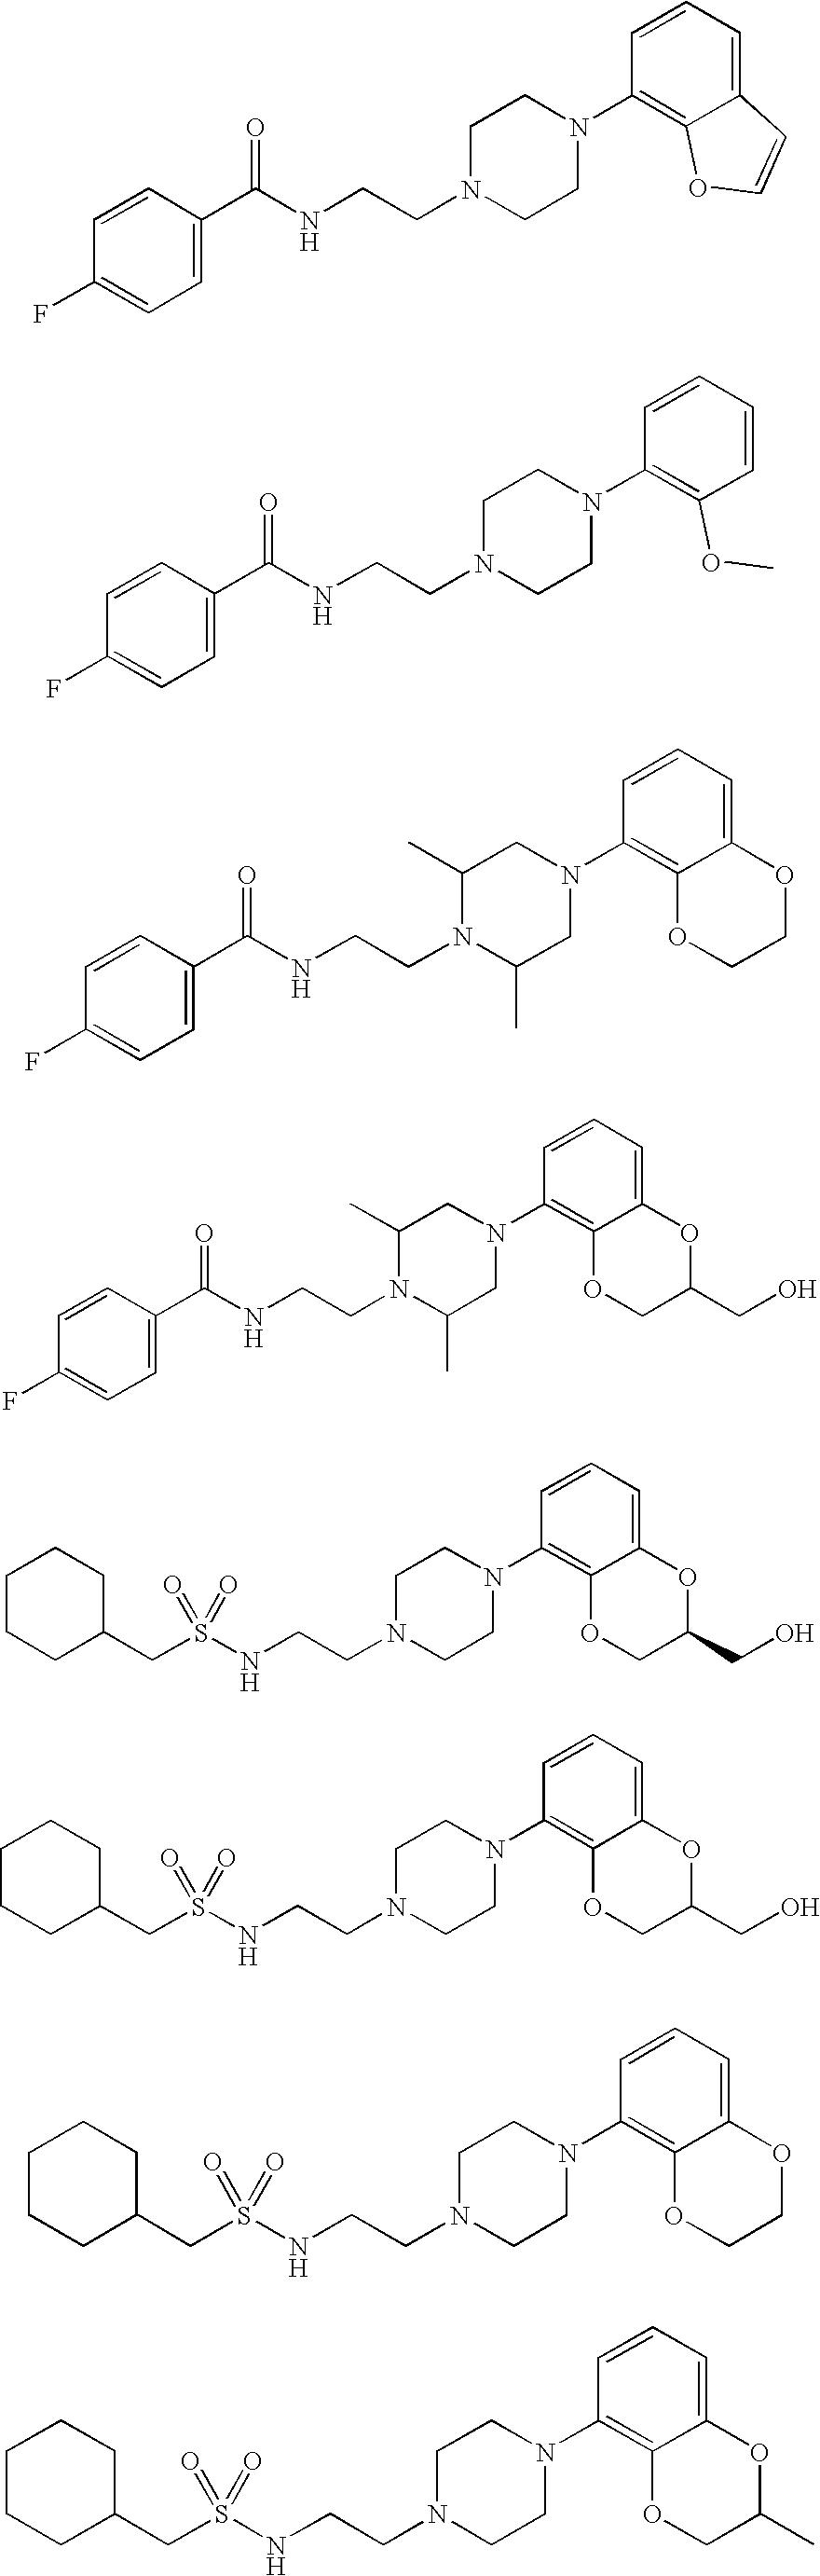 Figure US20100009983A1-20100114-C00178